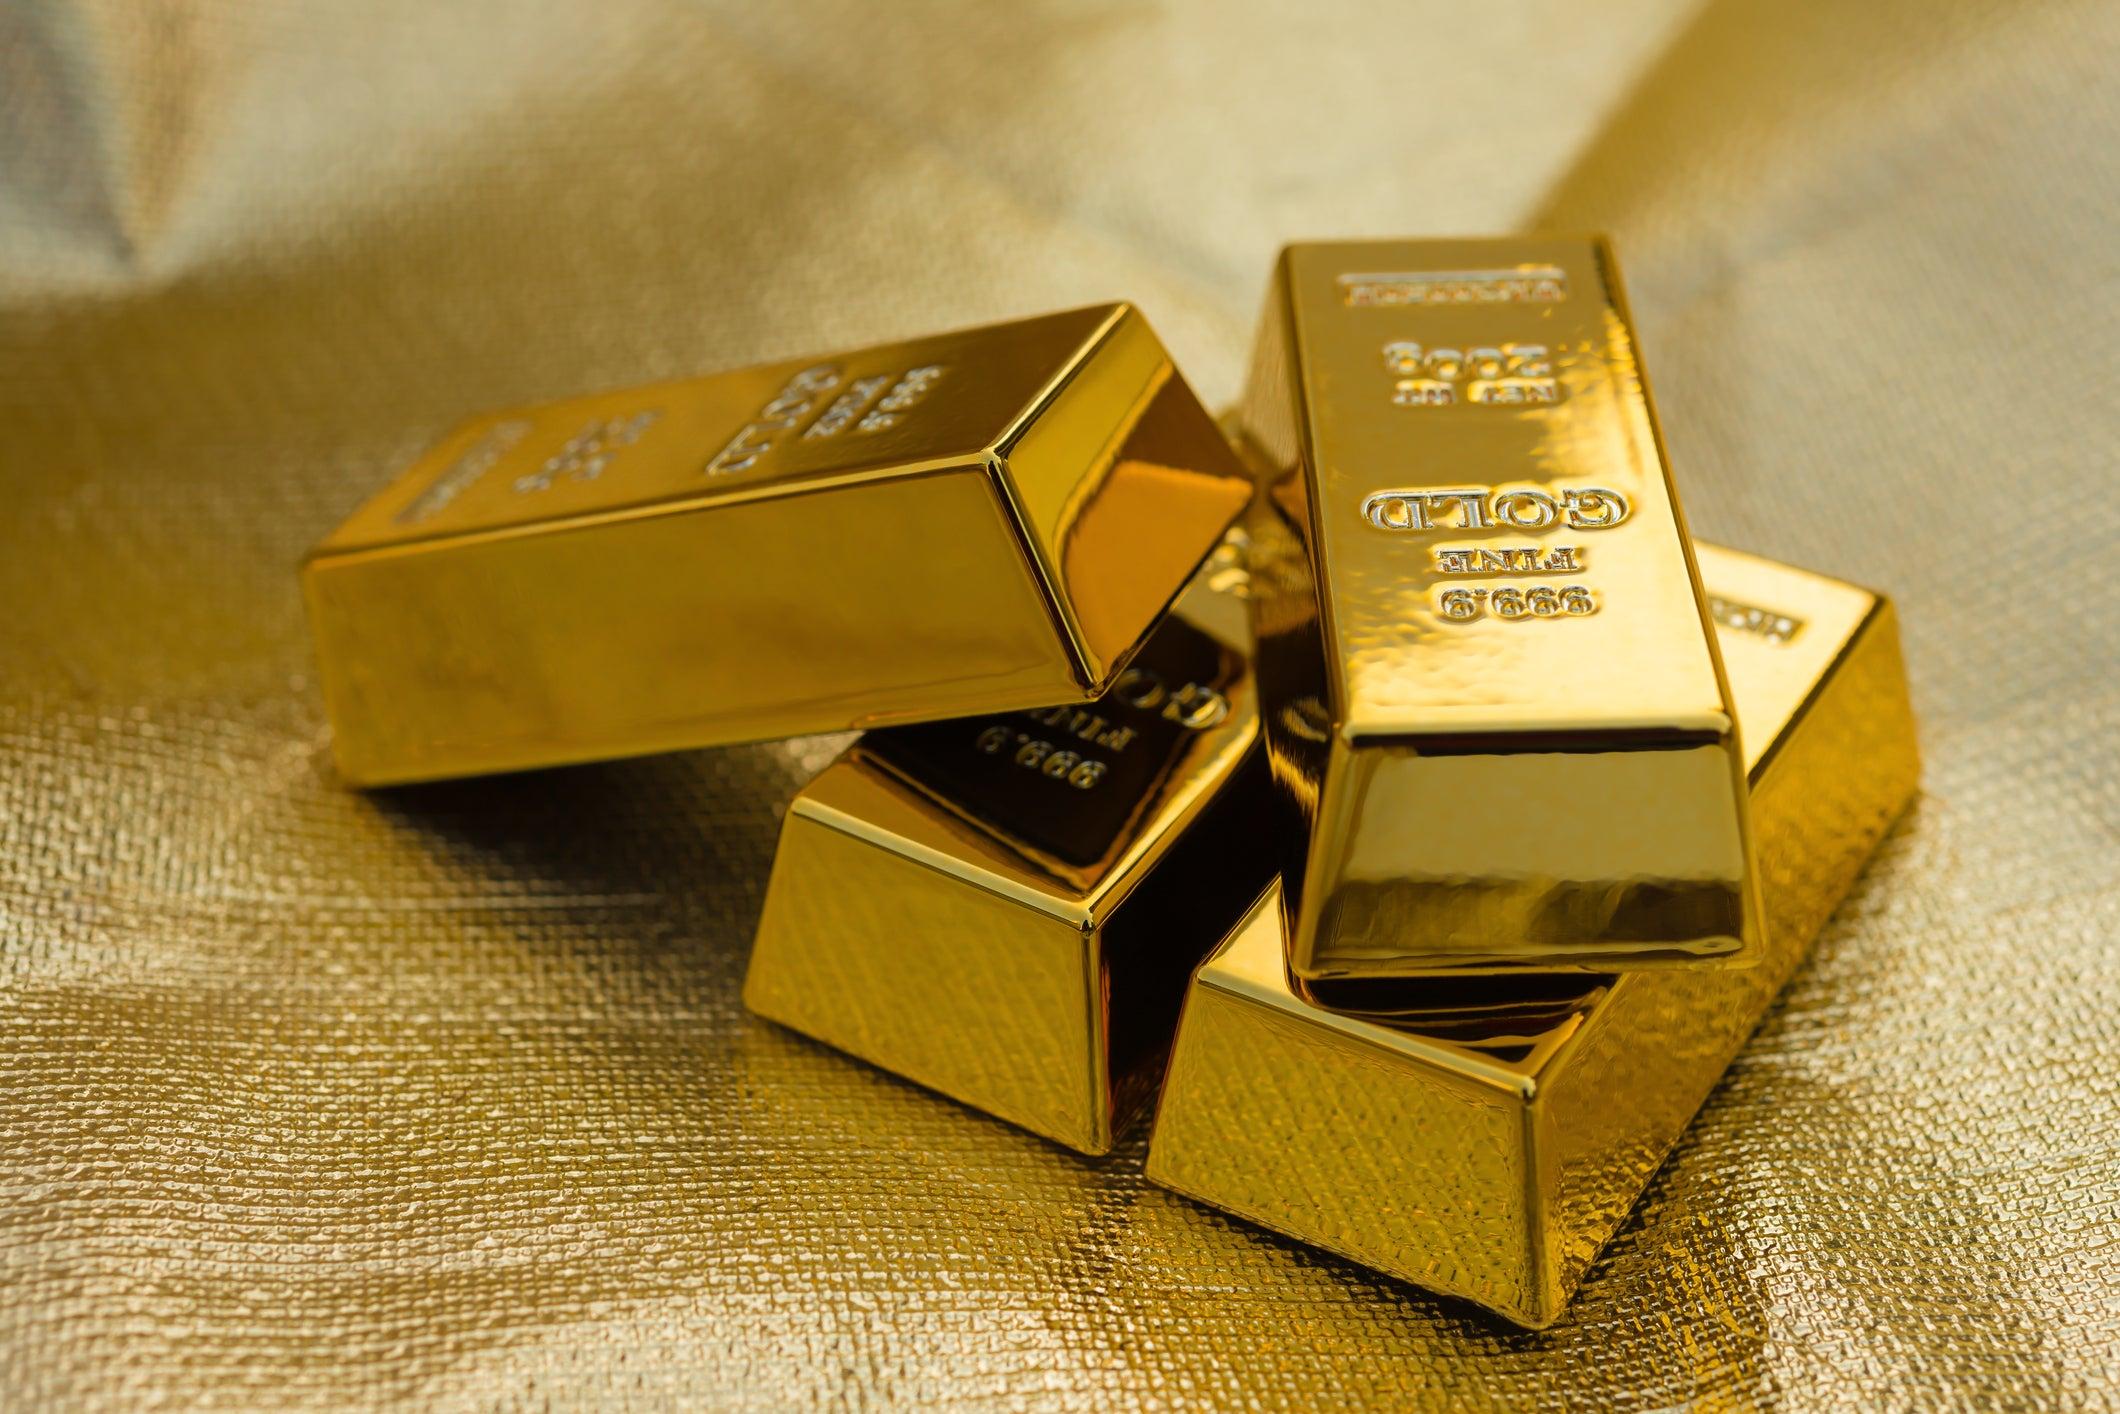 Giá vàng hôm nay 26/5: Tăng 250.000 đồng/lượng  - Ảnh 2.